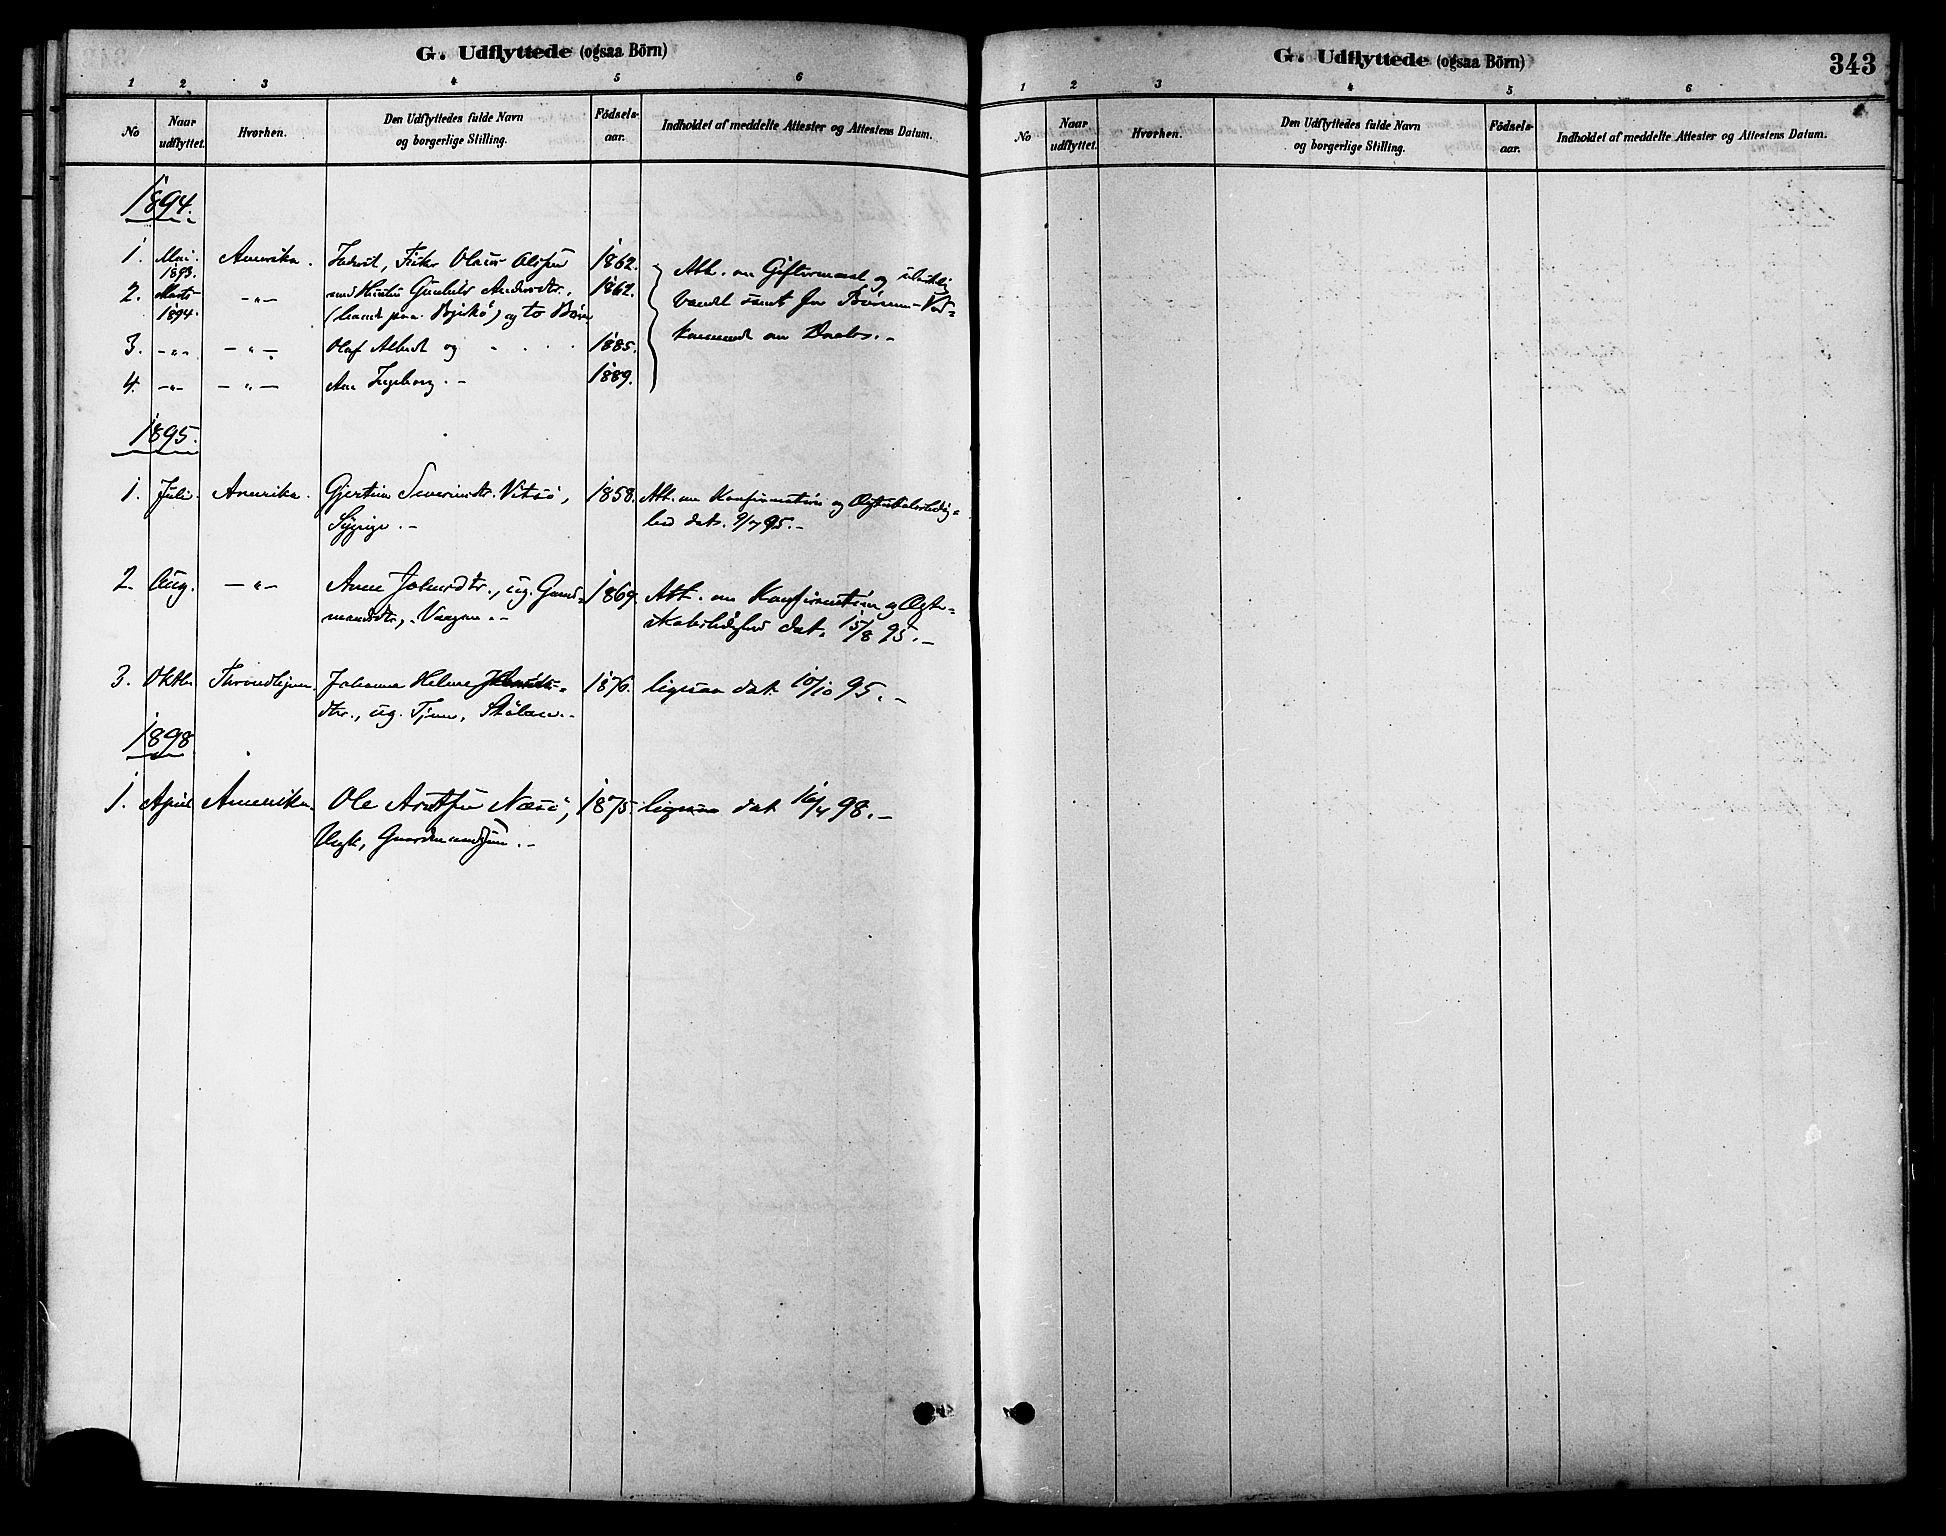 SAT, Ministerialprotokoller, klokkerbøker og fødselsregistre - Sør-Trøndelag, 630/L0496: Ministerialbok nr. 630A09, 1879-1895, s. 343